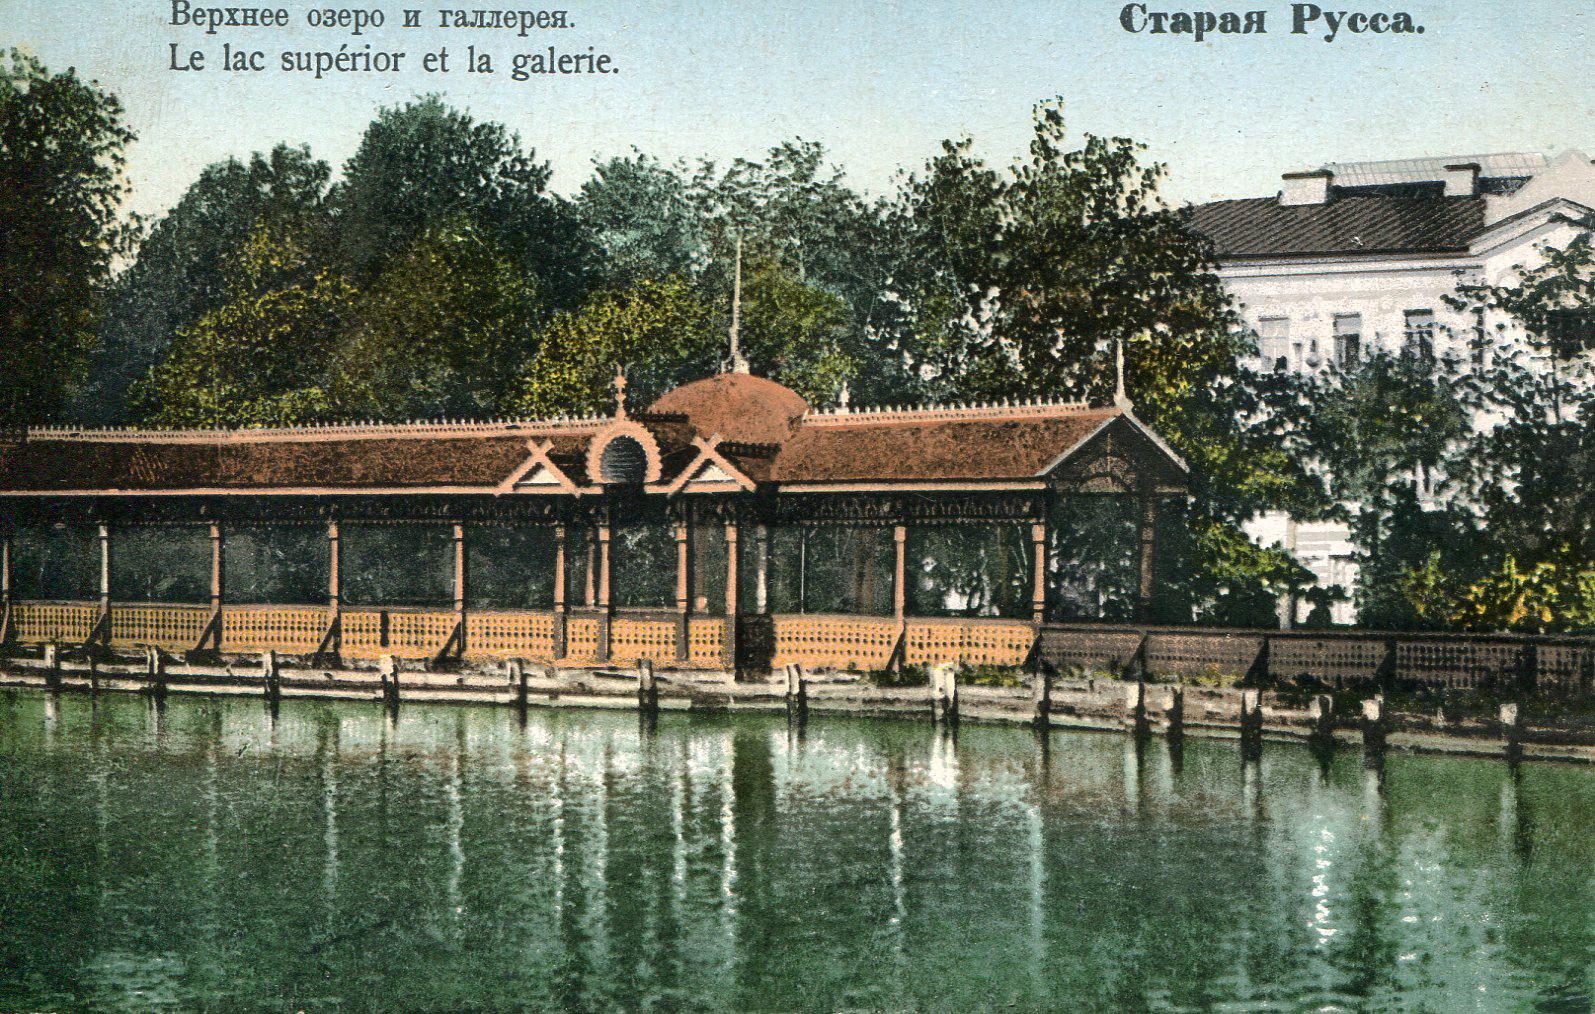 Галерея у Верхнего озера